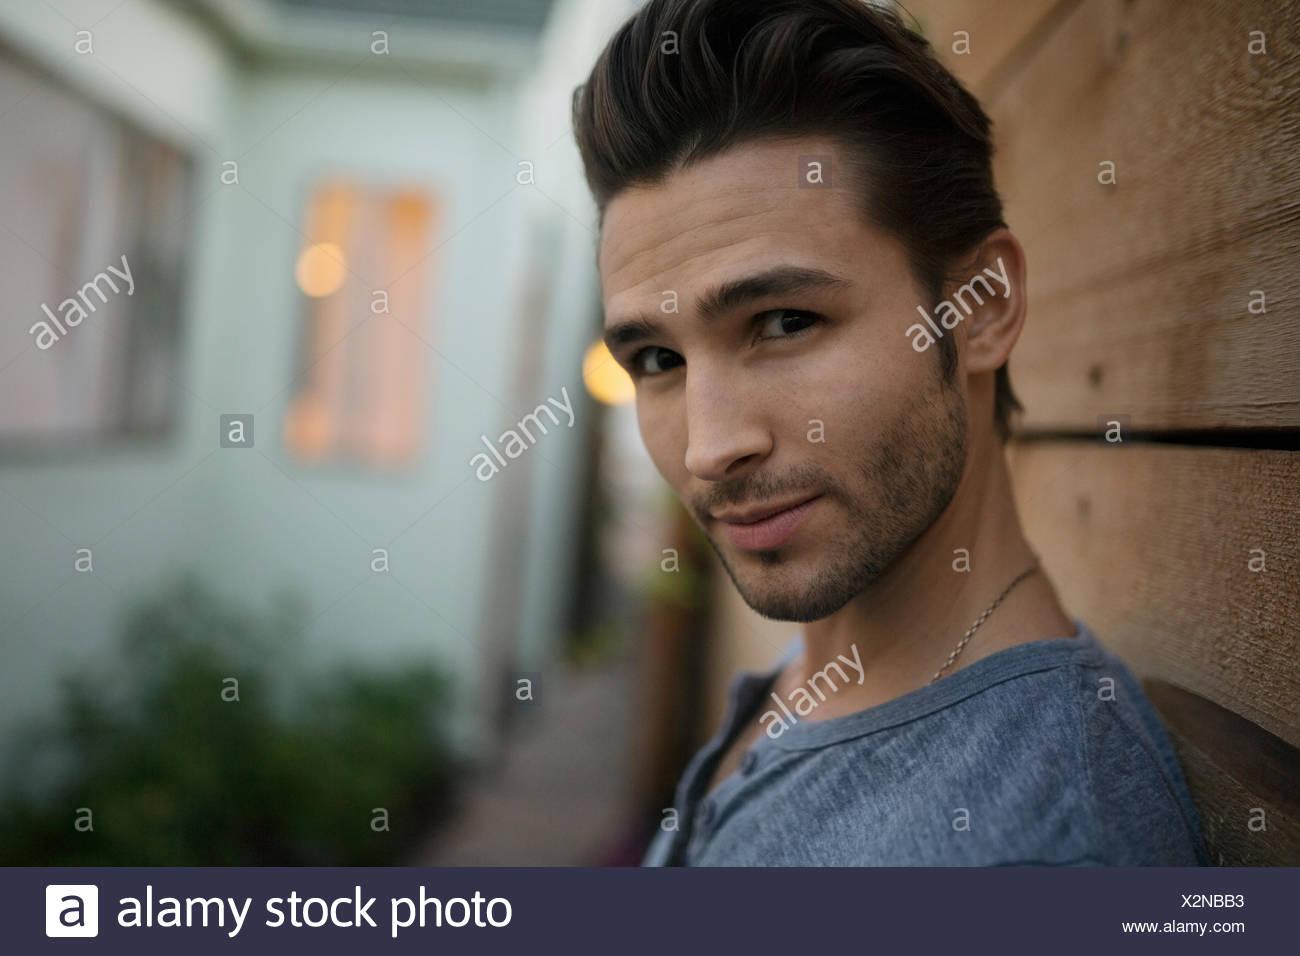 Ritratto fiducioso brunette uomo sul patio Immagini Stock